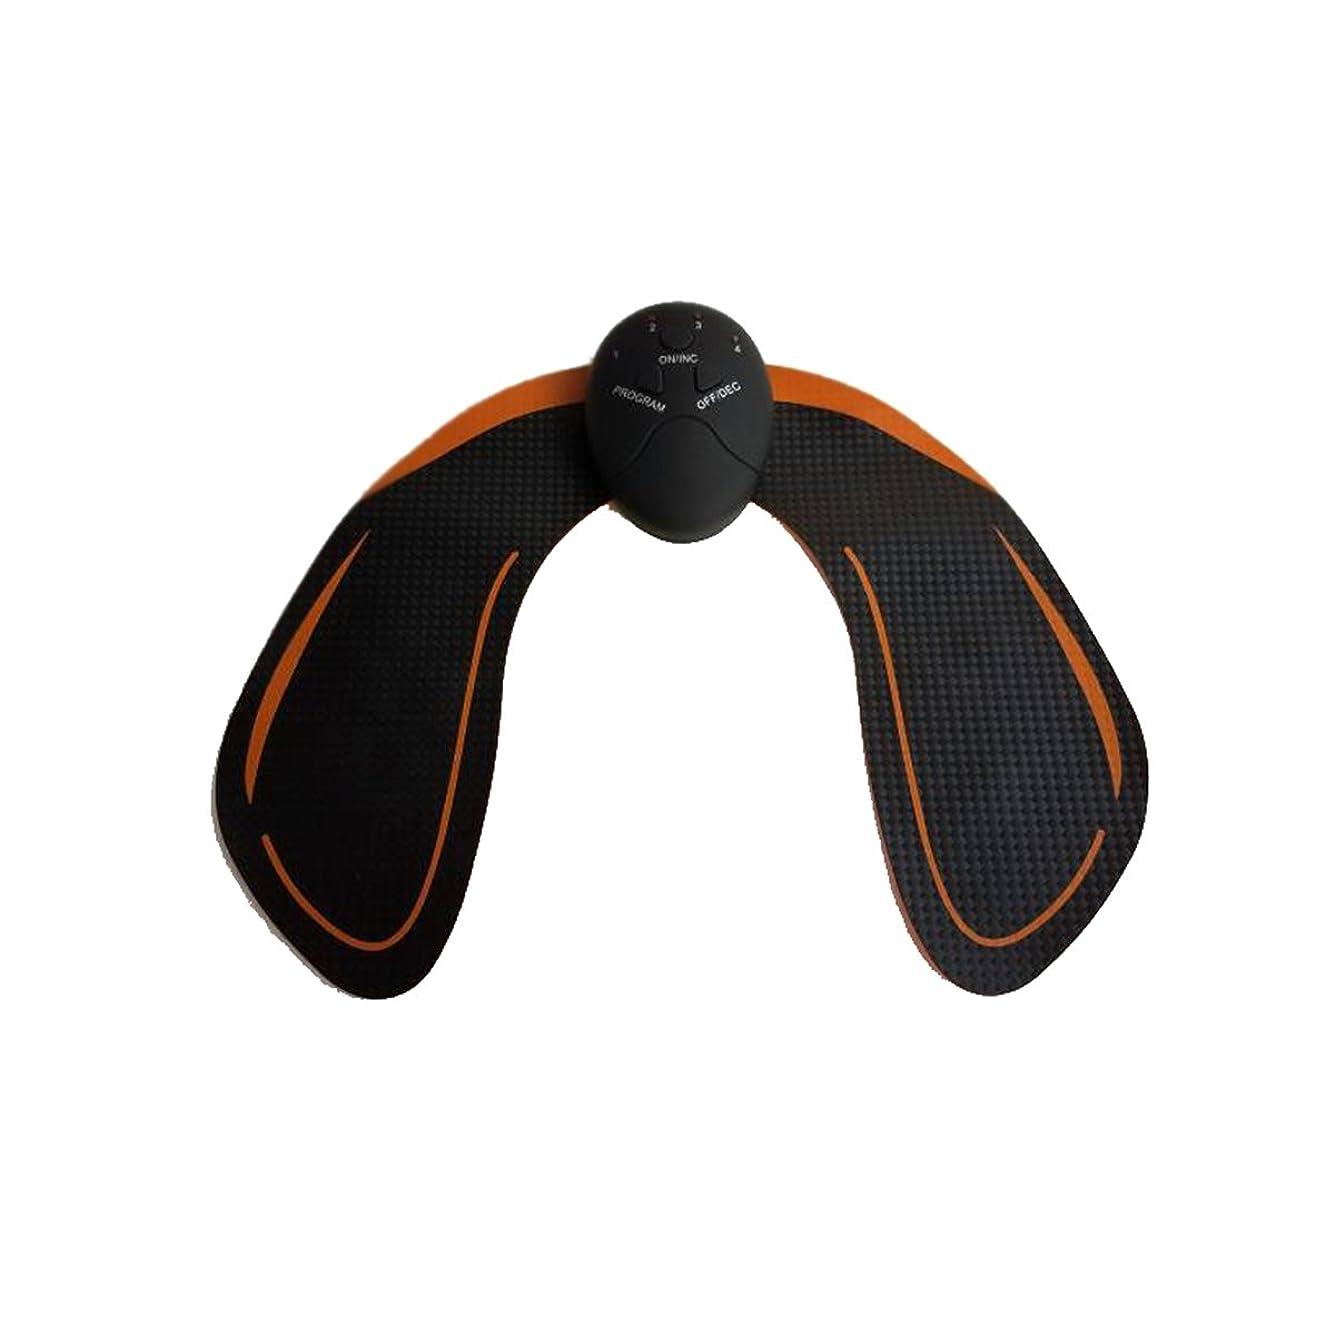 分泌する舌シアーHealifty EMS トレーニングパッド ヒップアップ お尻専用 多機能 筋トレ器具 ダイエット 筋肉振動 引き締める 強さ階段調節 電池式 男女兼用(黒)